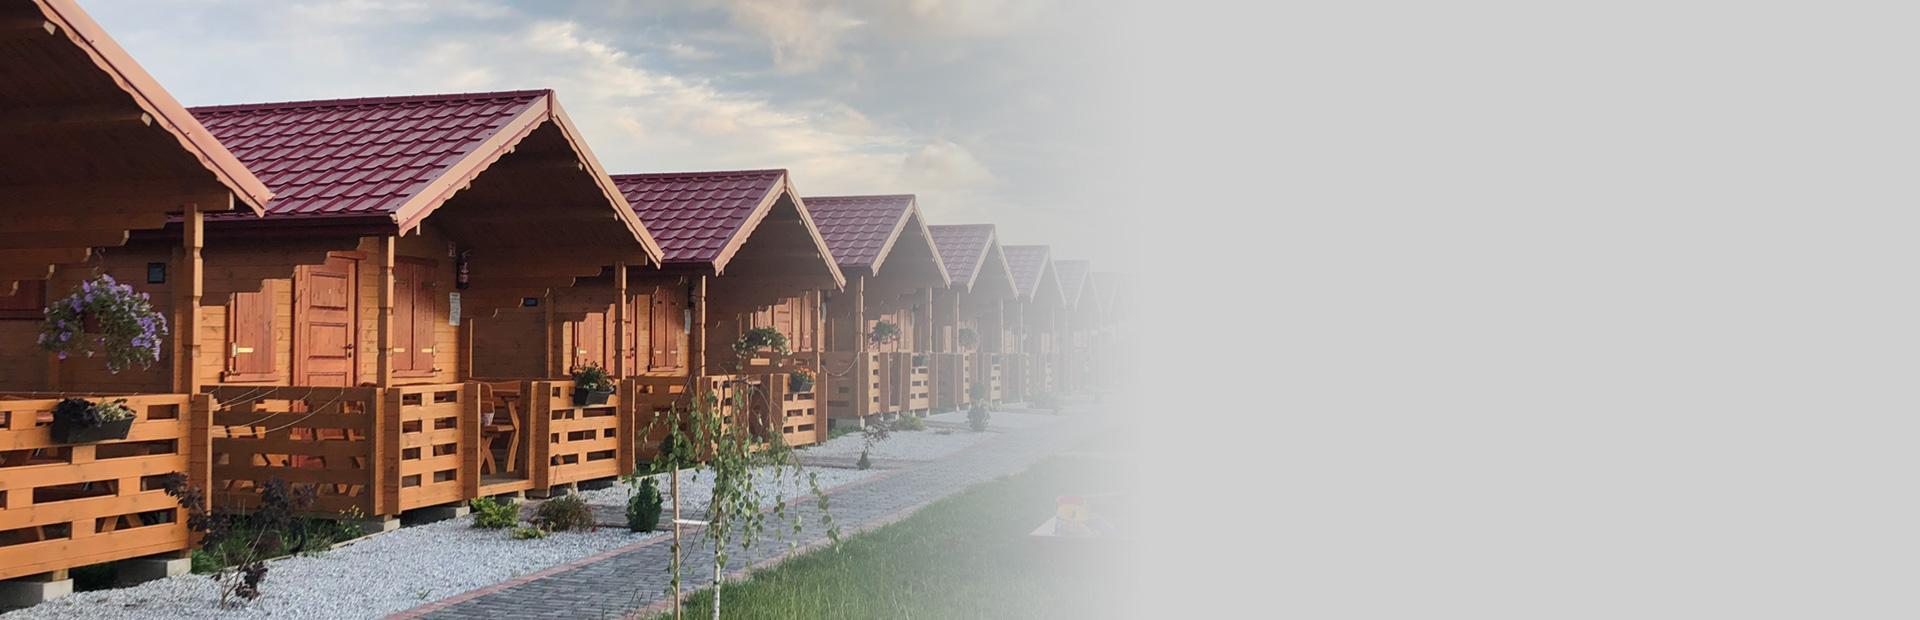 Drewniane Domki Ogrodowe Letniskowe Altany Meble Ogrodowe